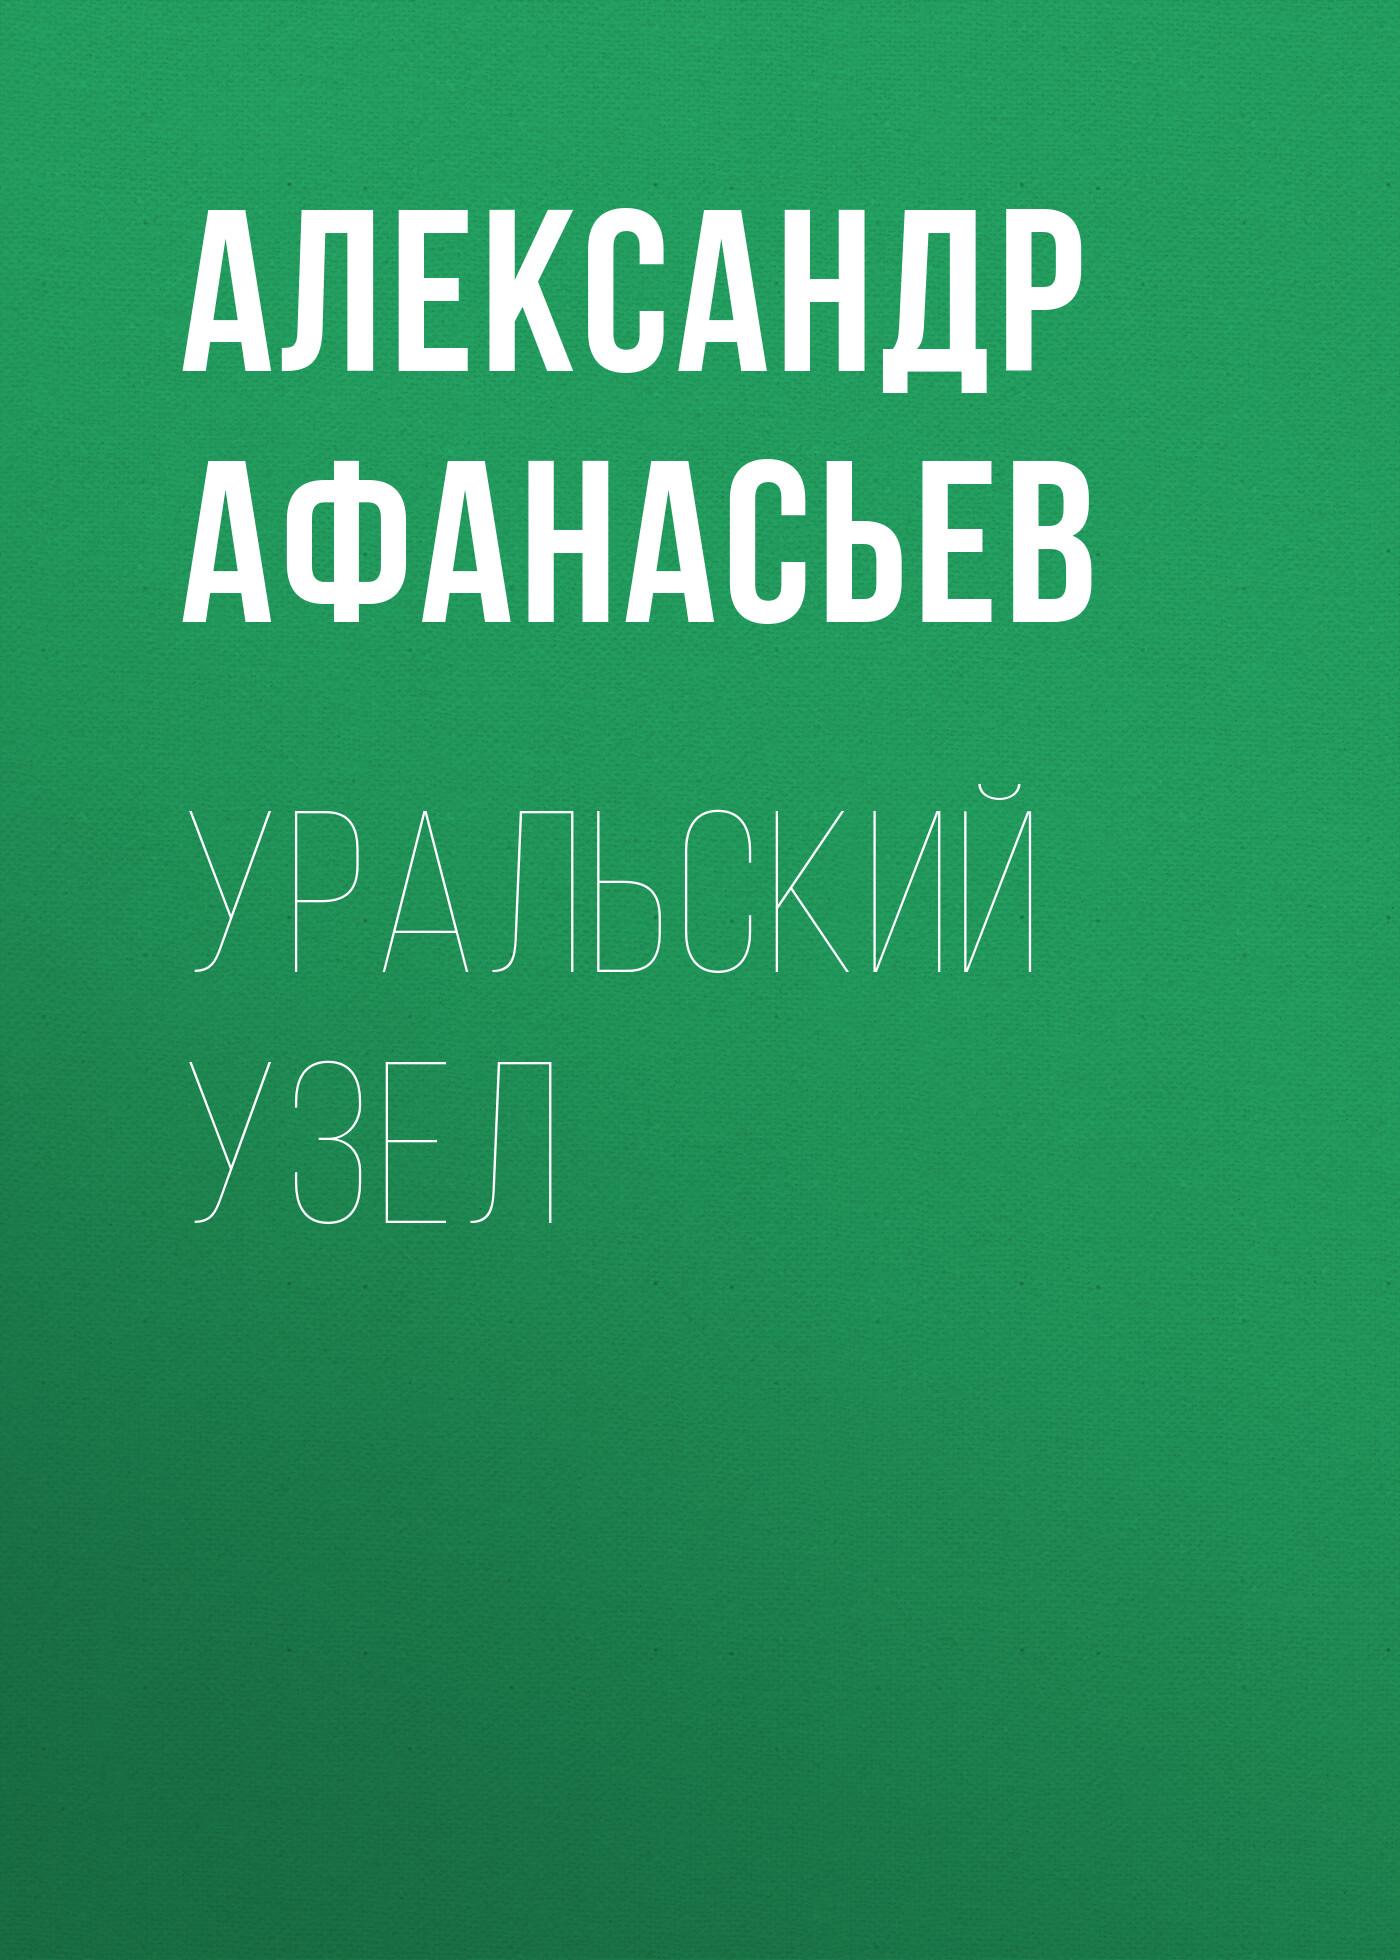 Александр Афанасьев Уральский узел